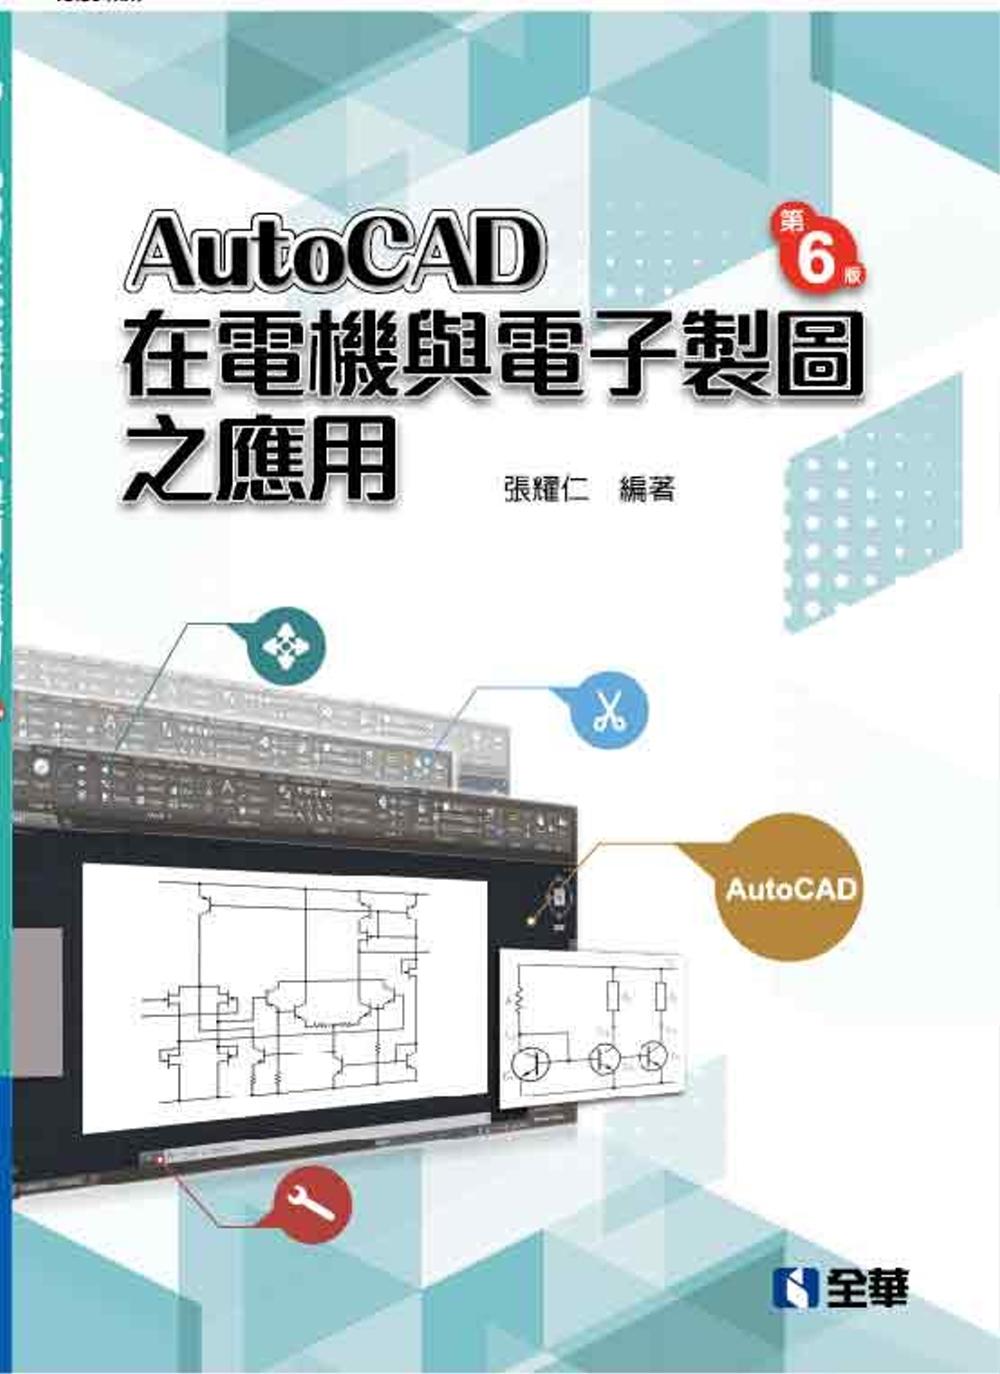 AutoCAD 在電機與電子製圖之應用(第六版)